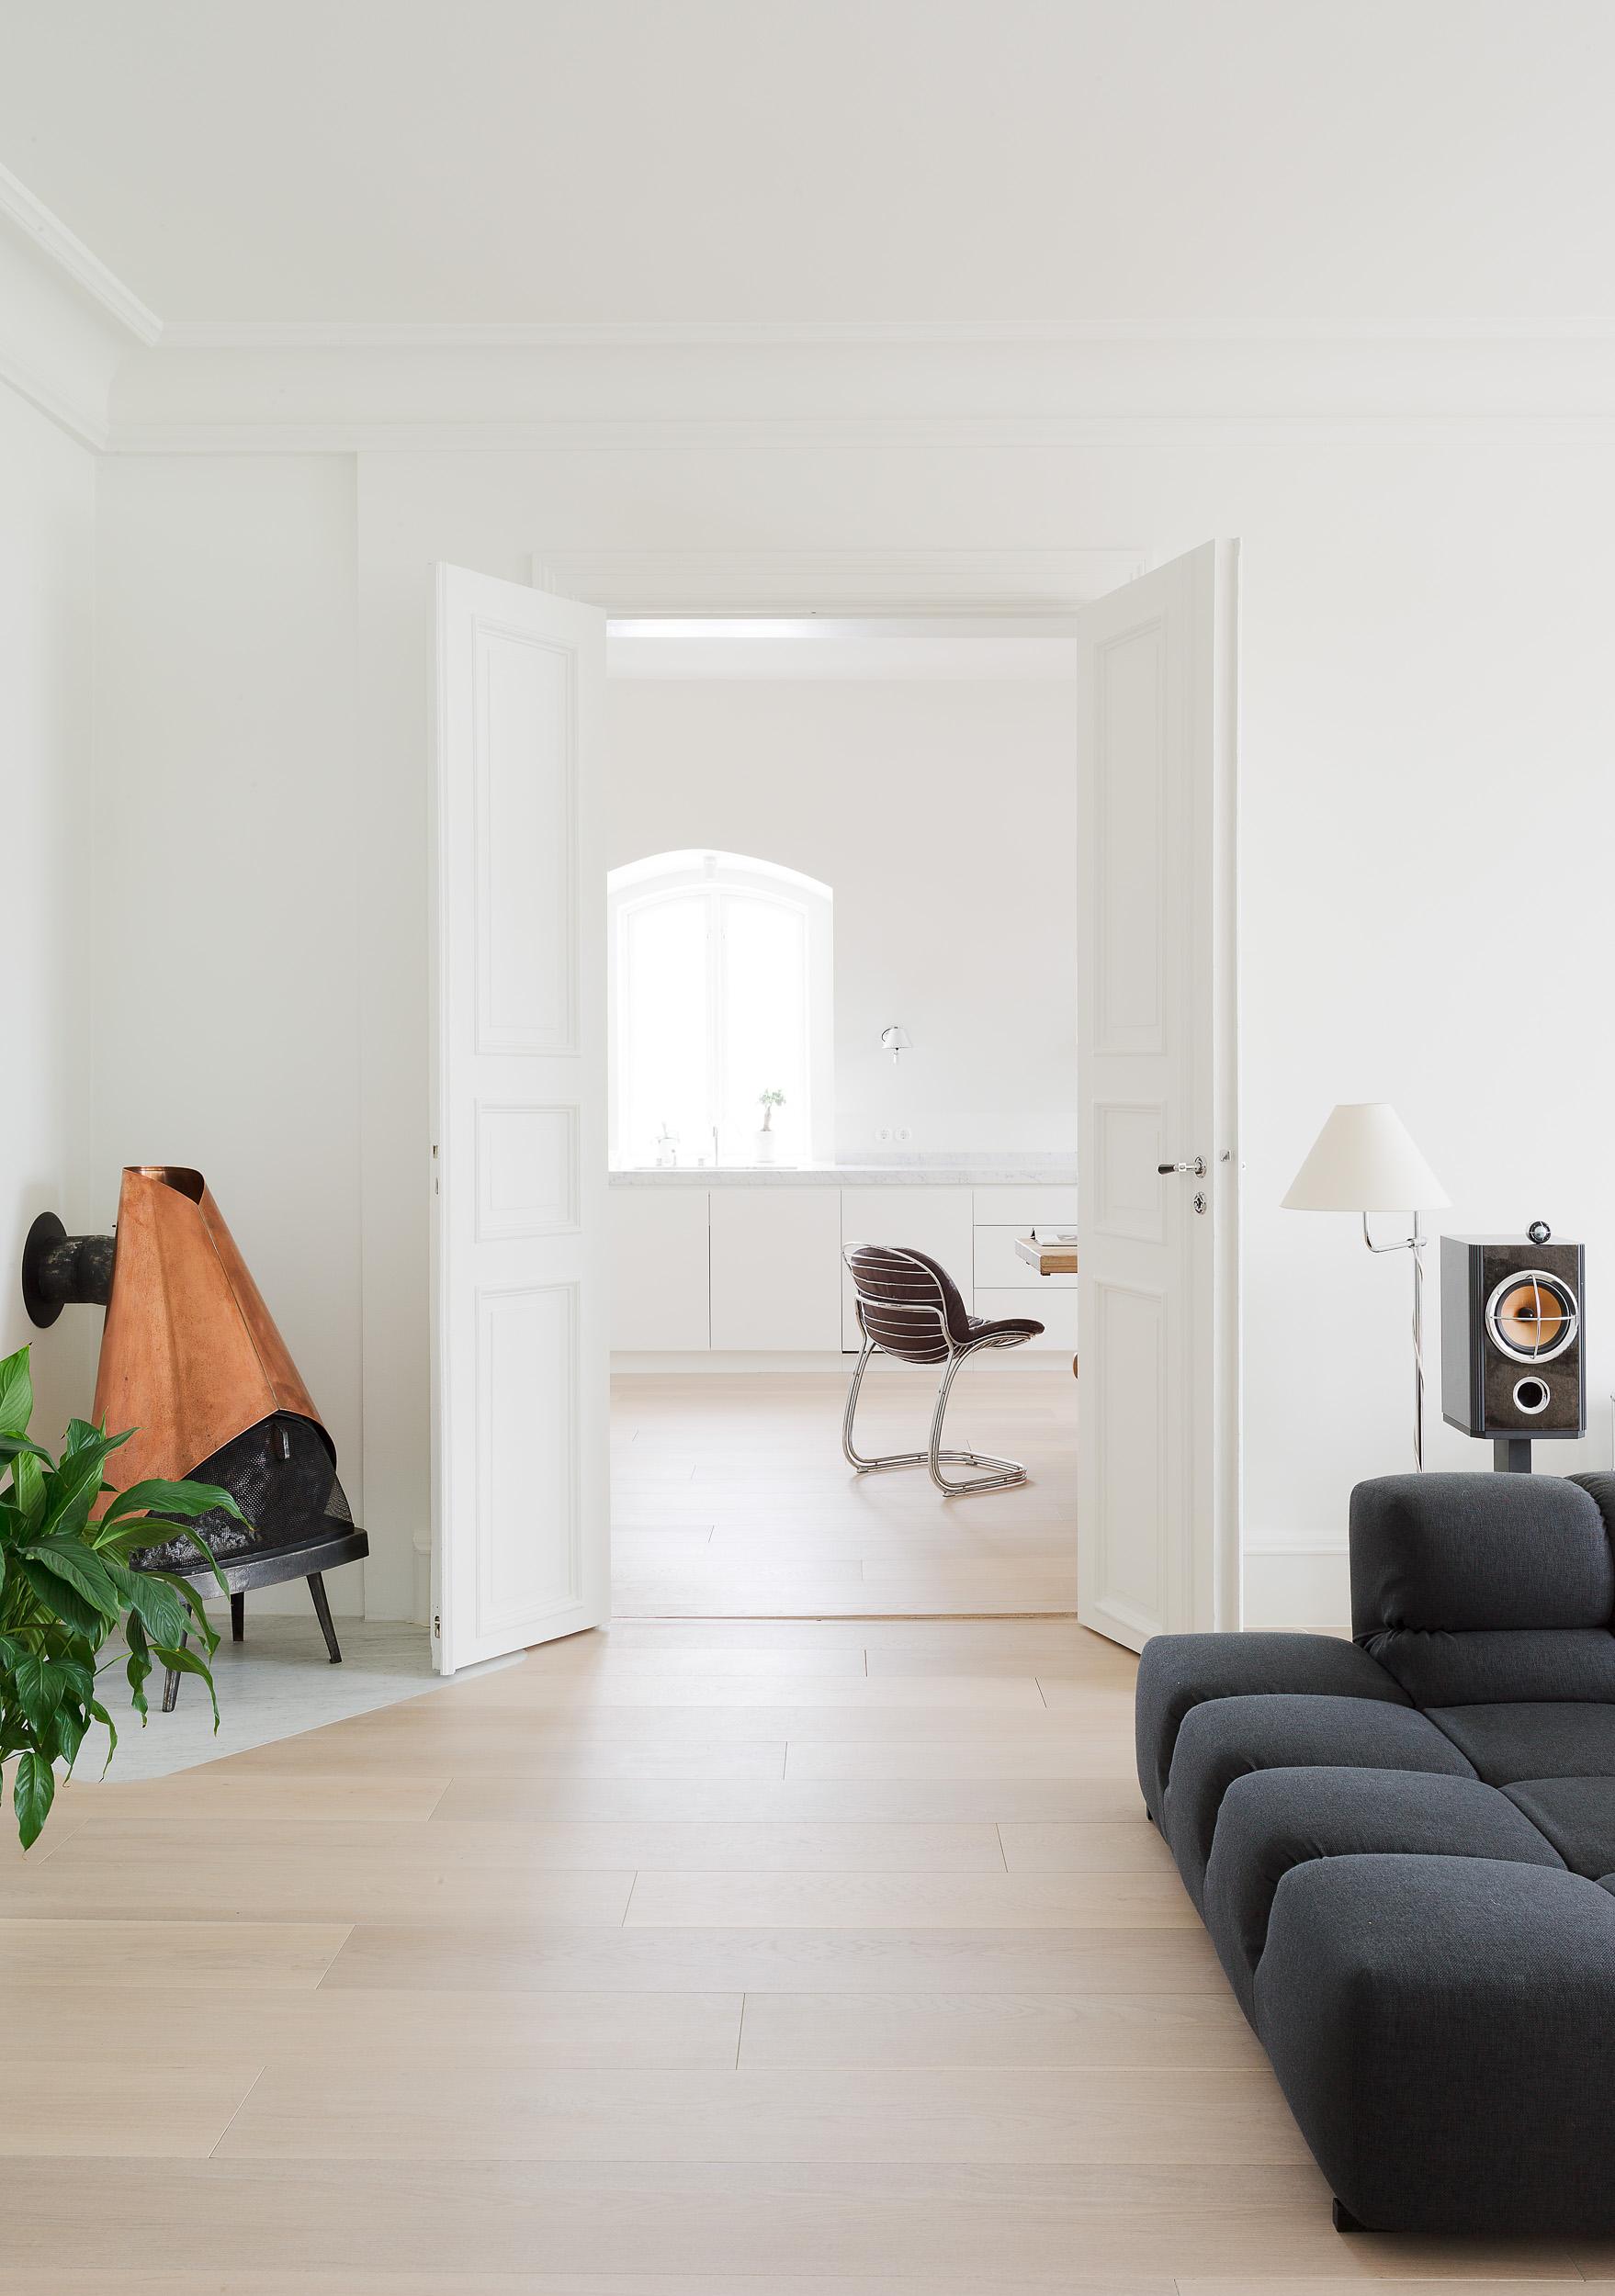 LeilighetOslo_Aarhus_034.jpg